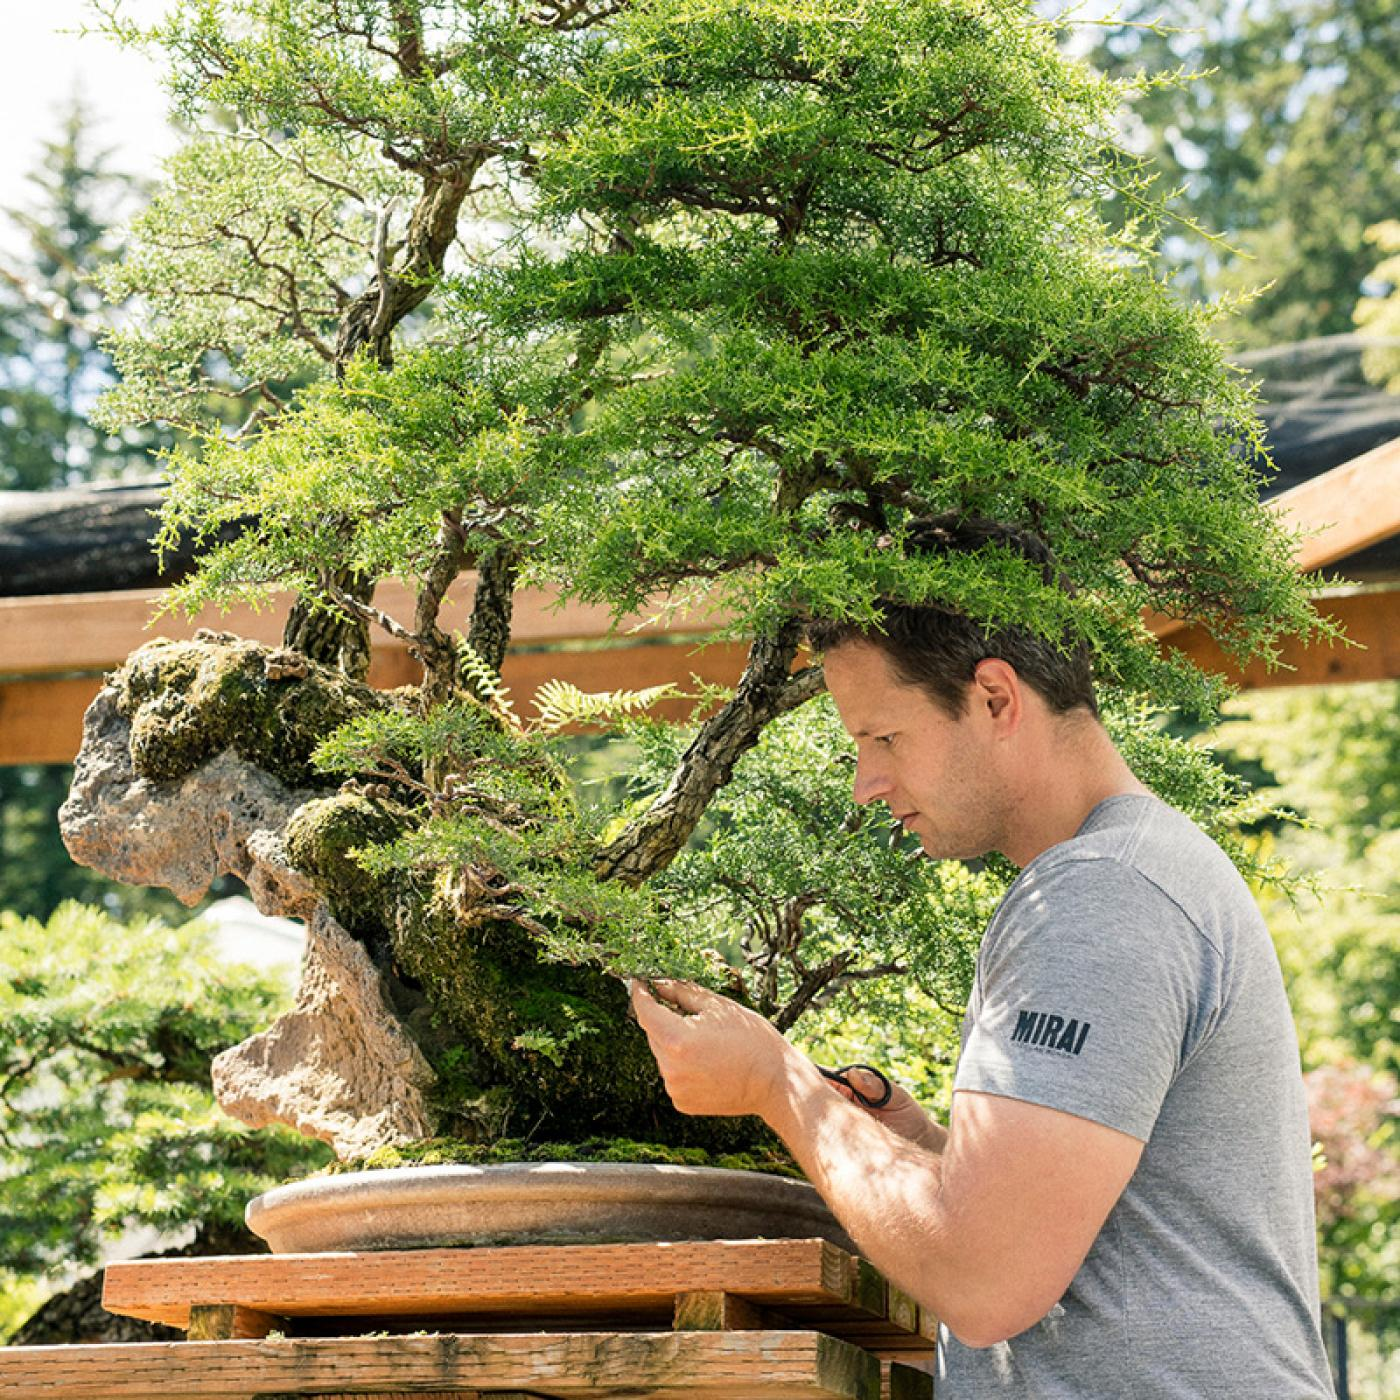 ryan_neil_pruning_cypress_bonsai